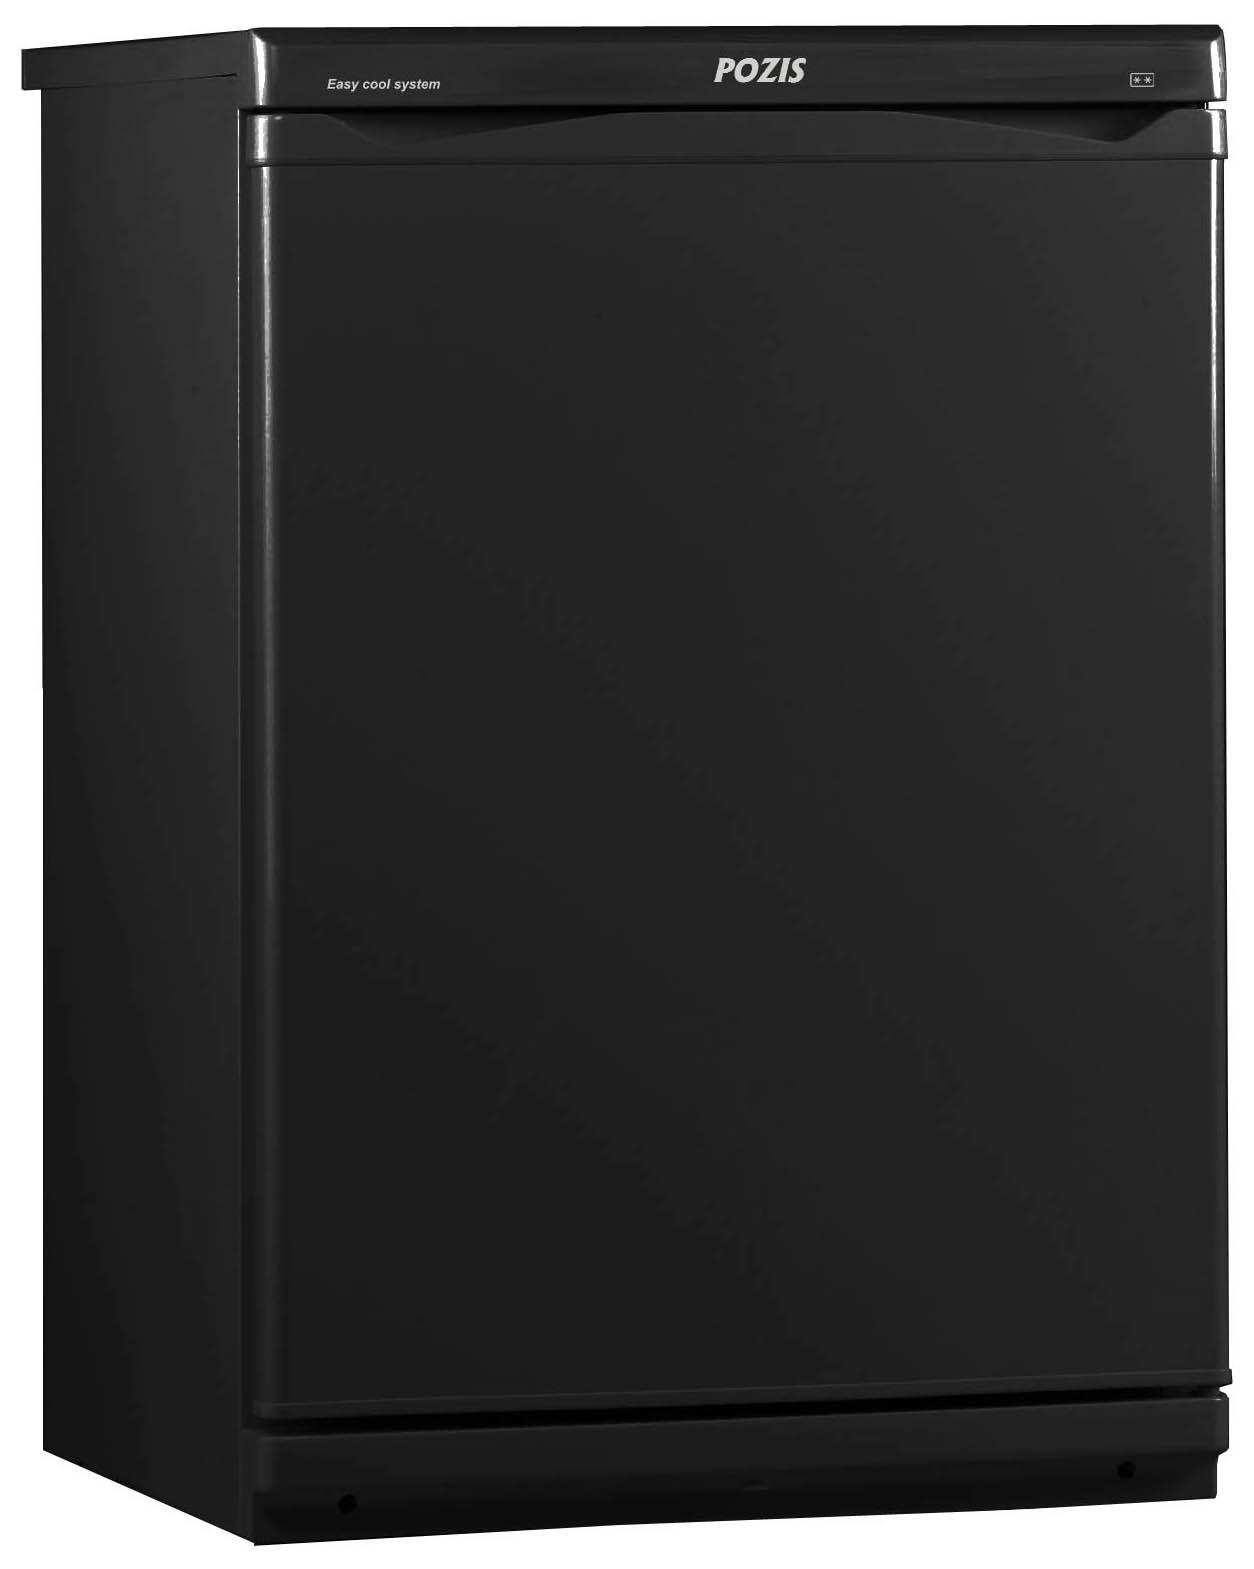 Холодильник POZIS СВИЯГА 410-1 Black